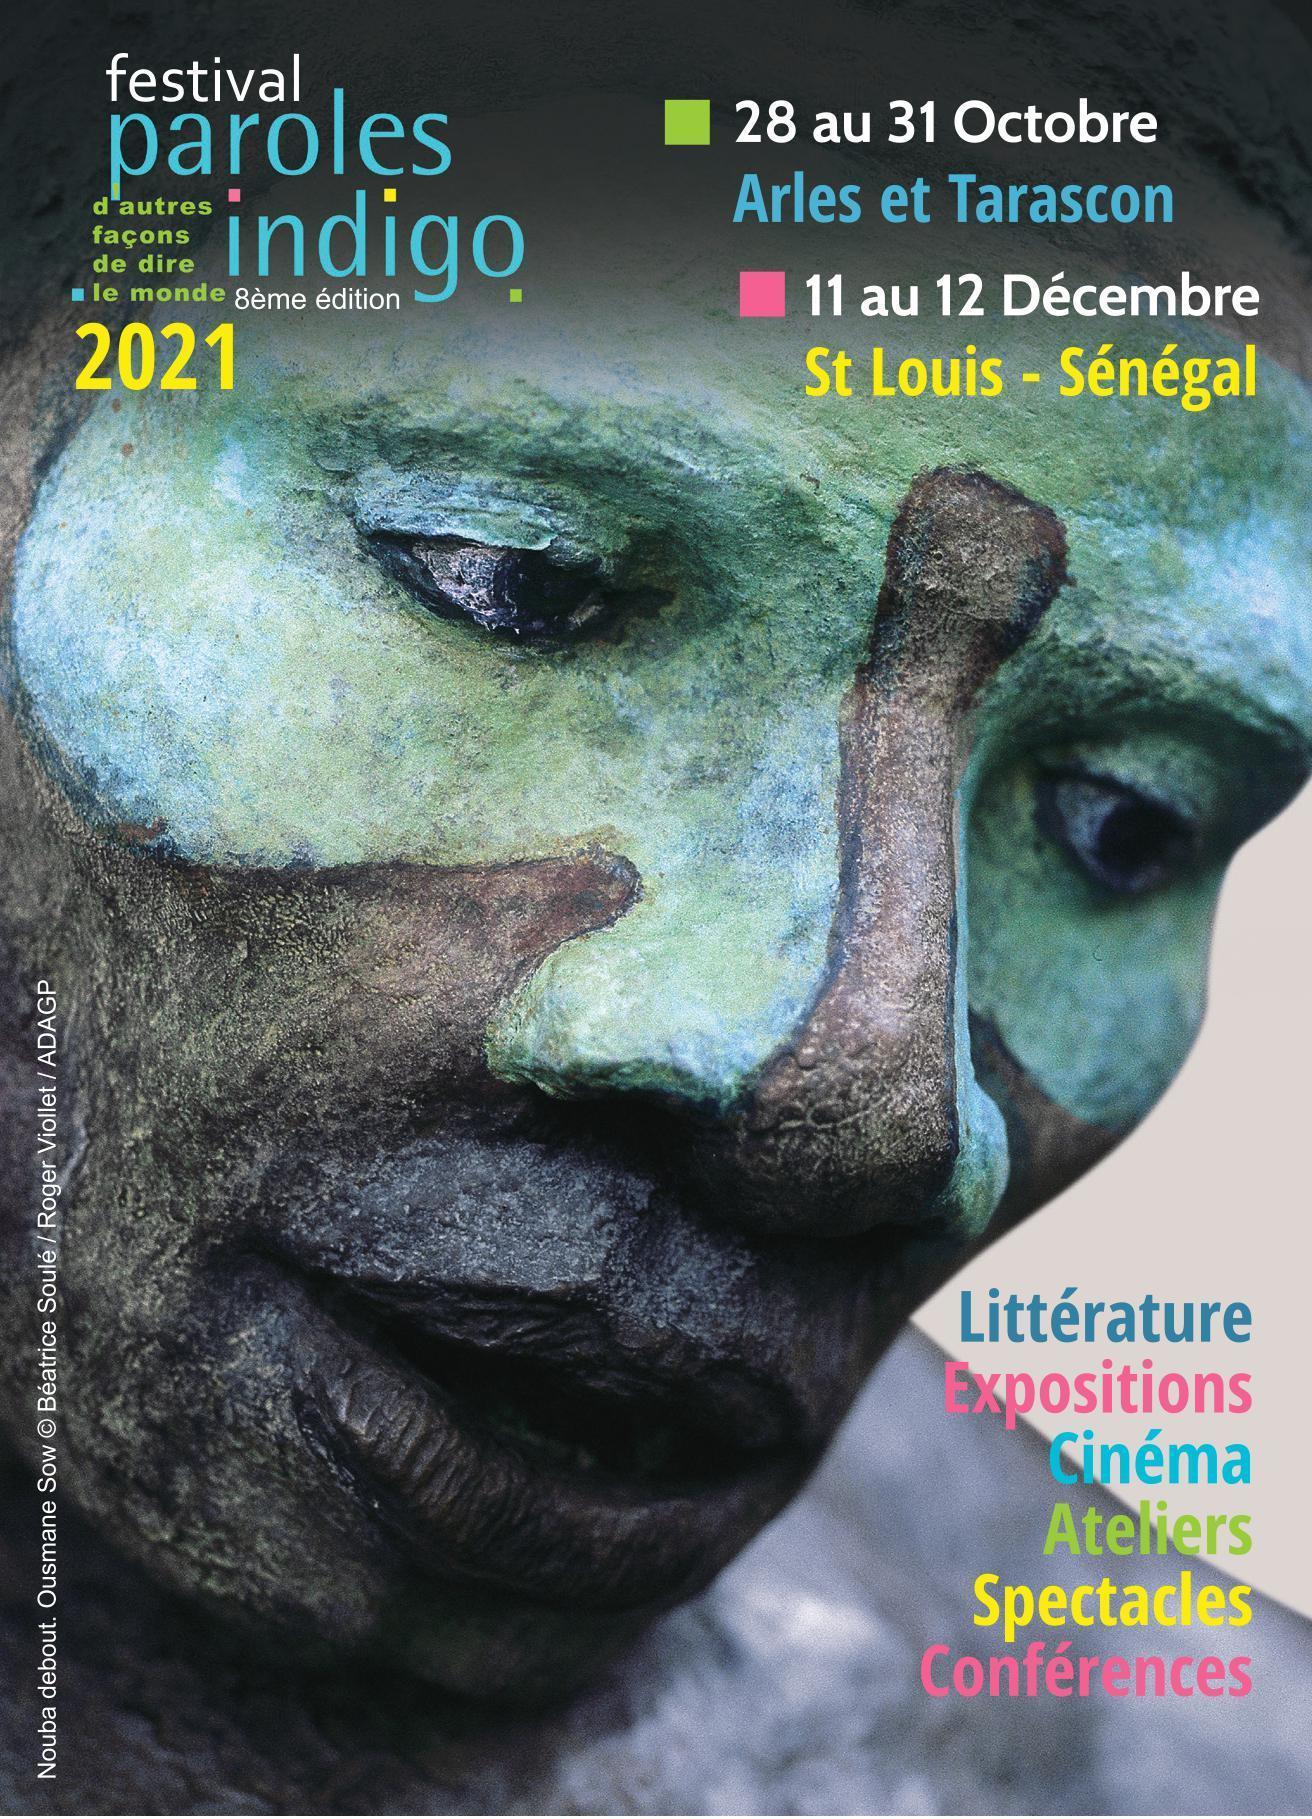 Un festival littéraire à la rencontre des mondes arabe et africain.